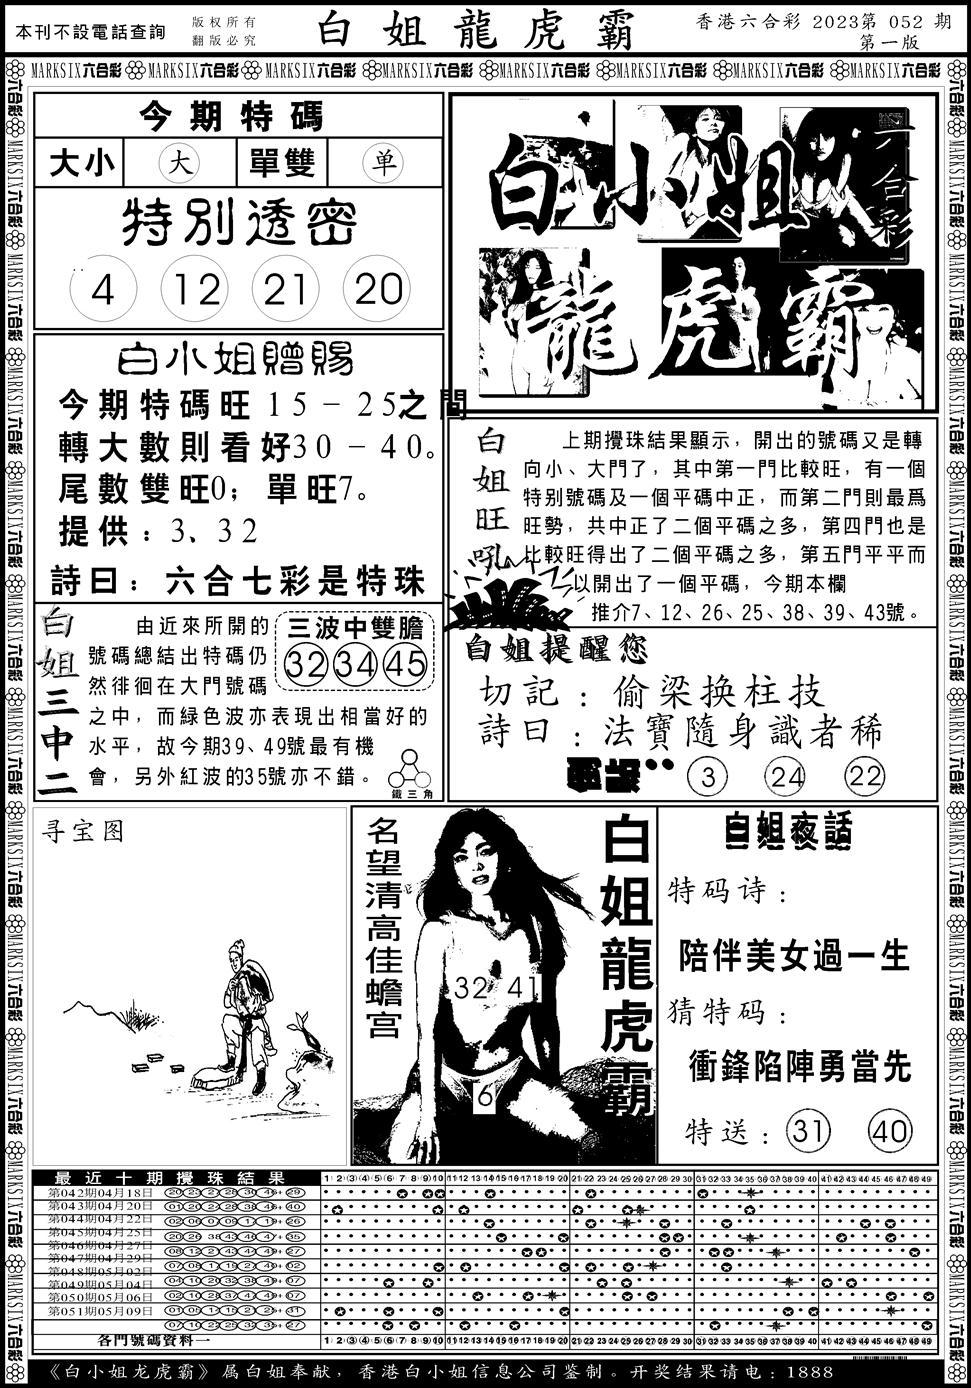 052期白小姐龙虎斗A(黑白)